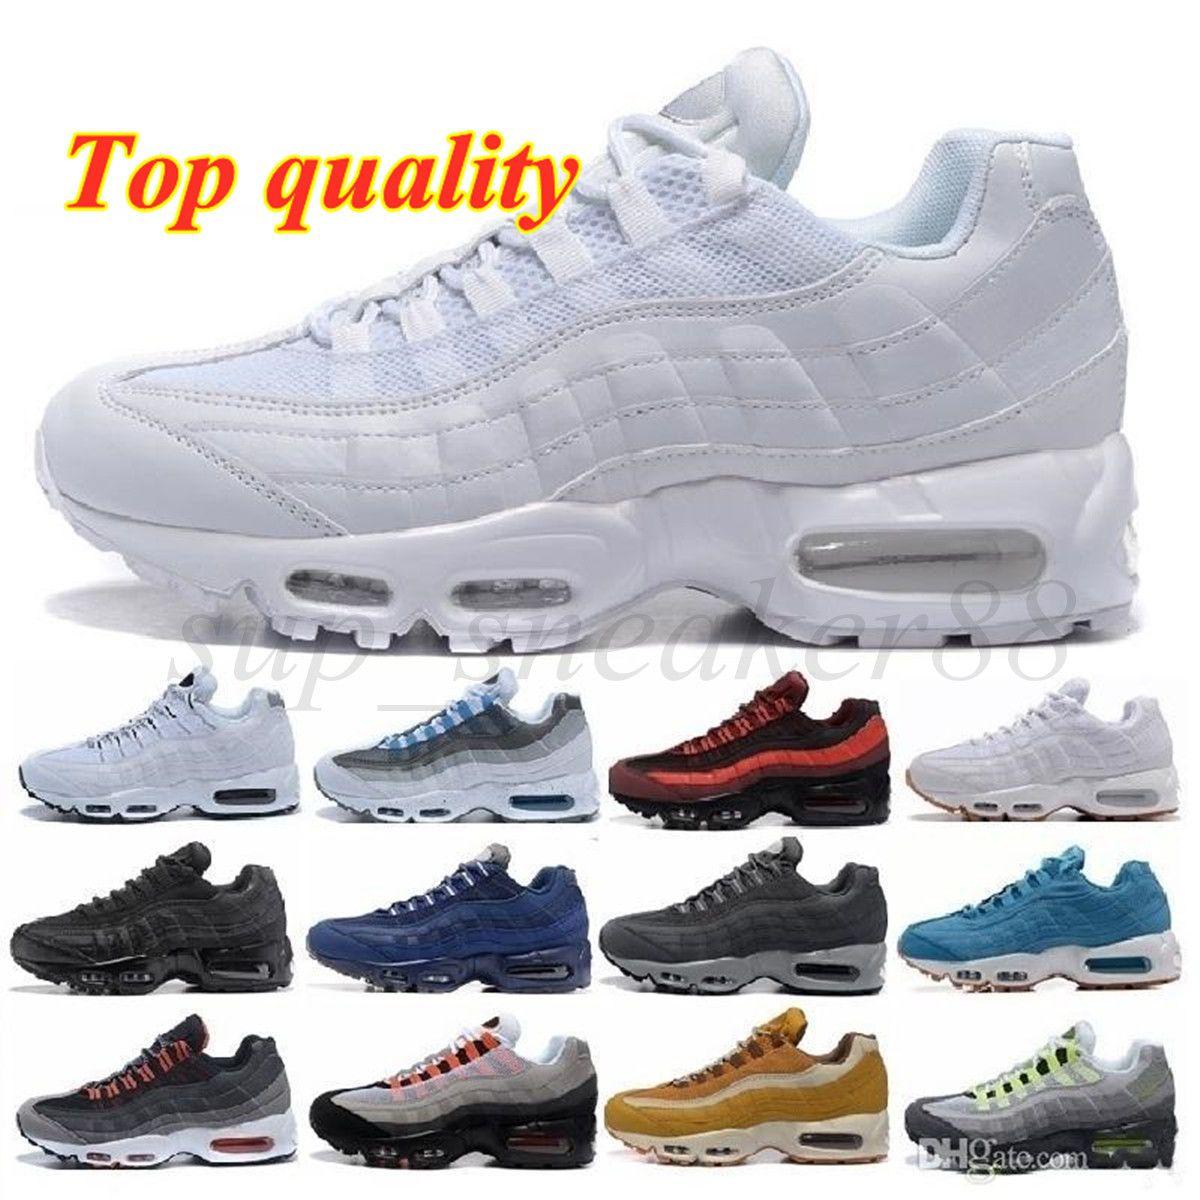 Erkekler OG Yastık Donanma Spor Ayakkabı Yüksek Kaliteli Chaussure Yürüyüş Çizmeler Run Ayakkabıları 95s Sneakers Boyutu 36-45